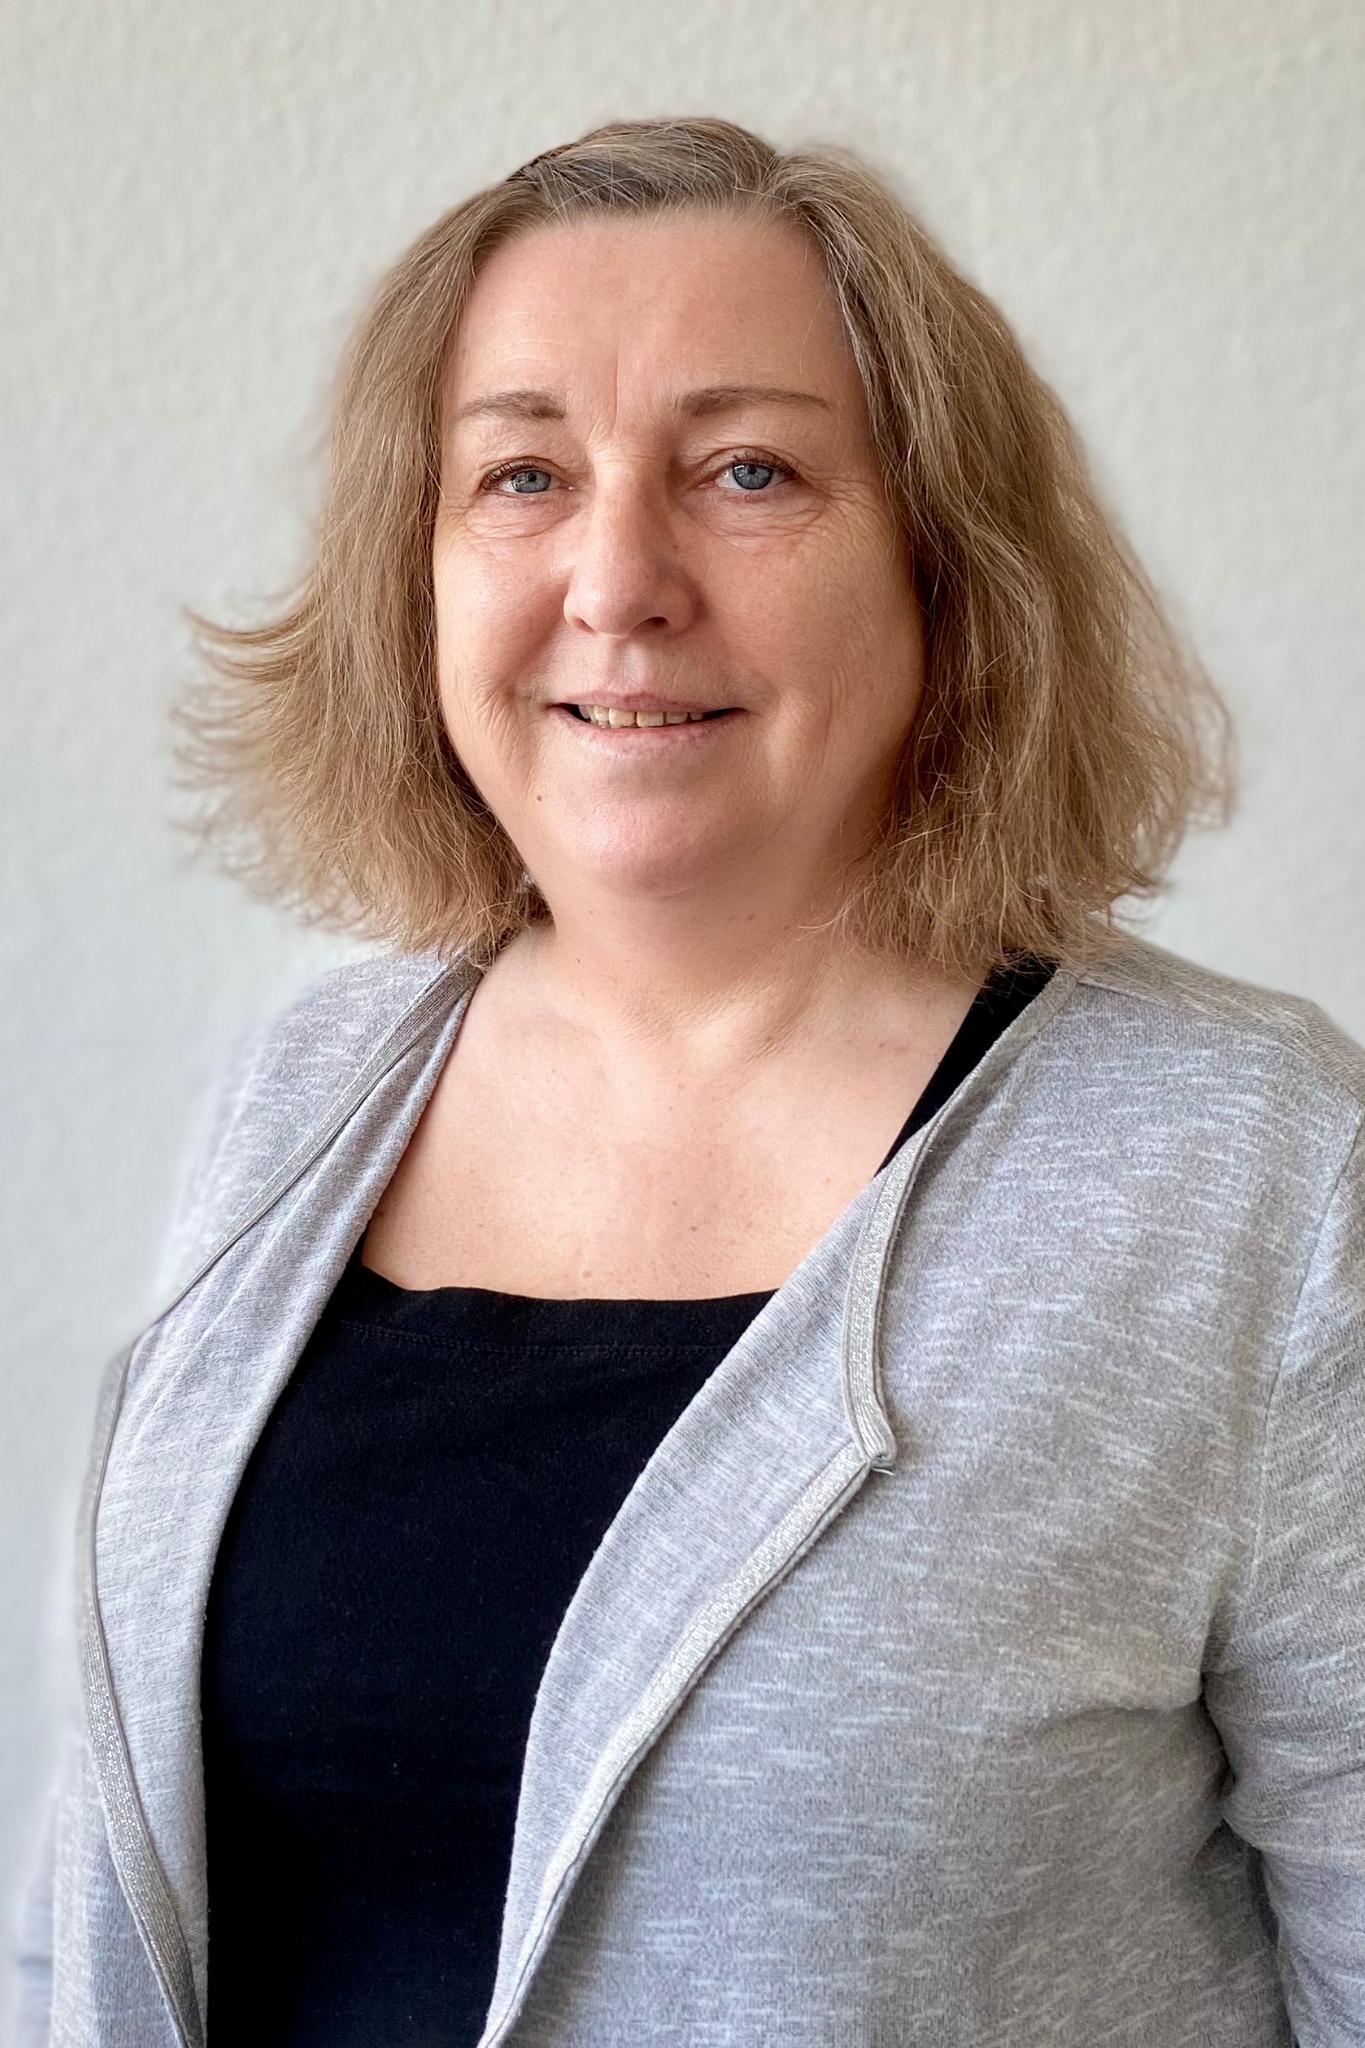 Bettina Nagy